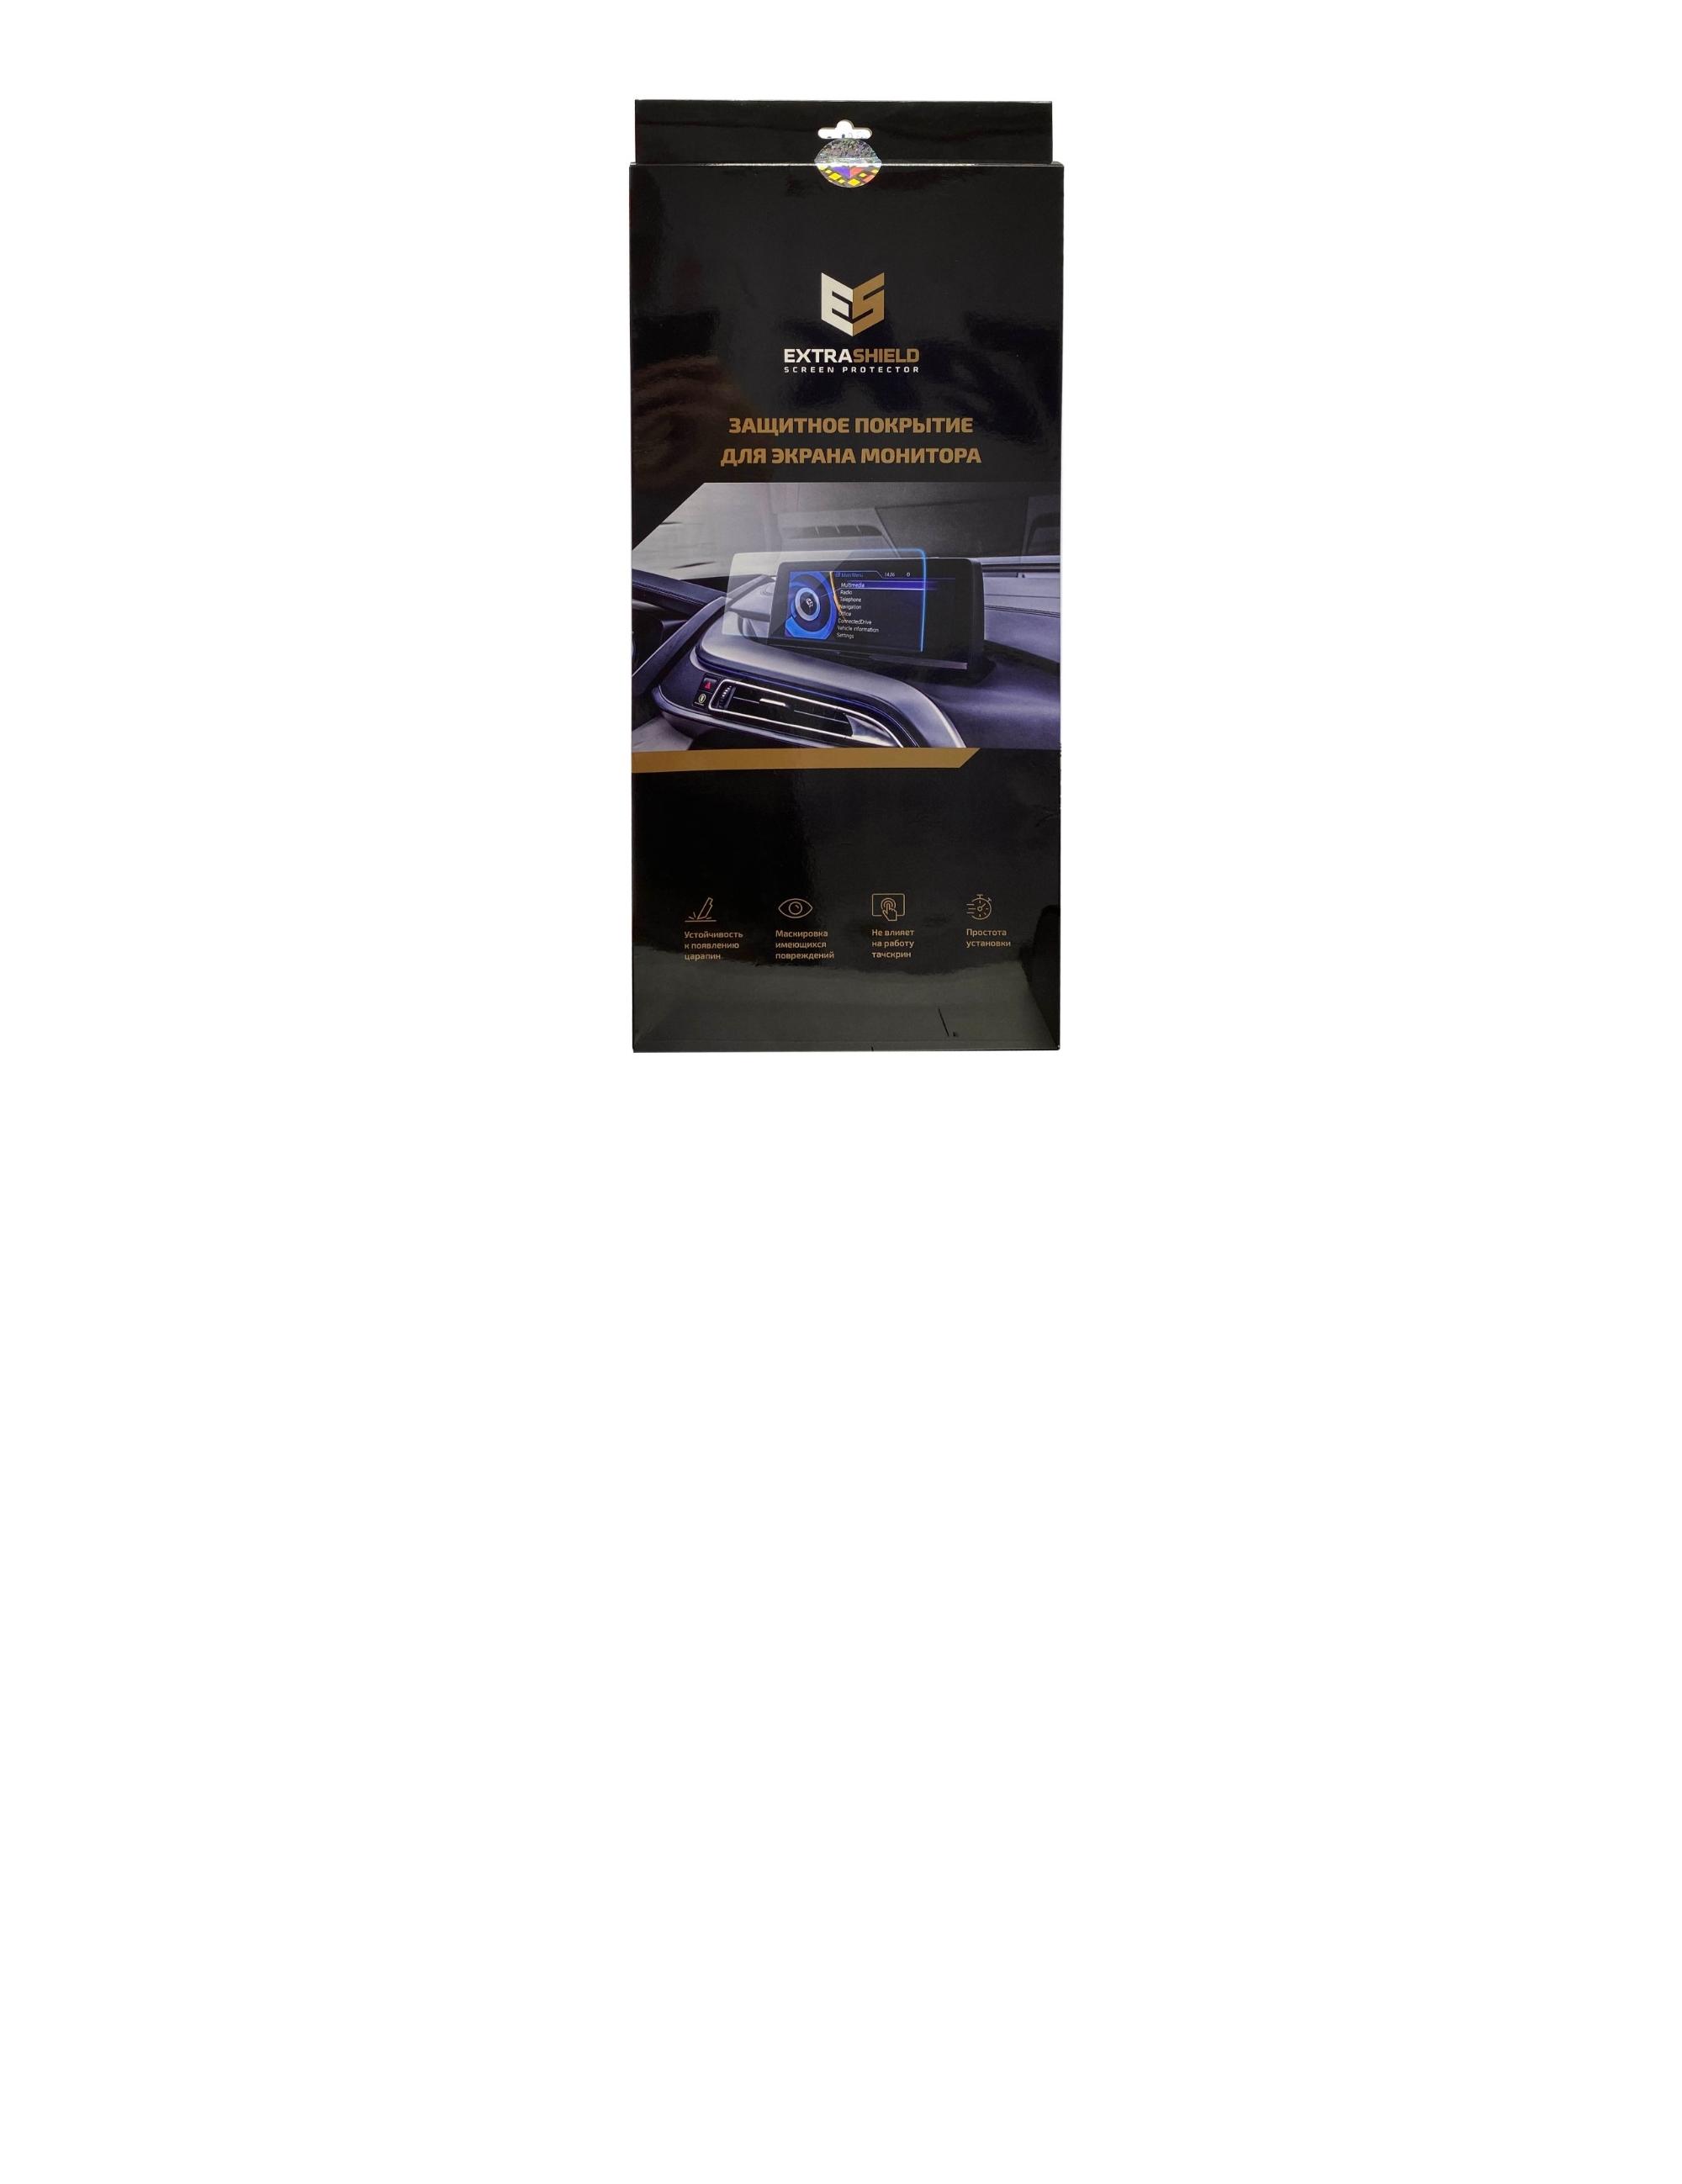 Статическое стекло на экран (защита интерьера)